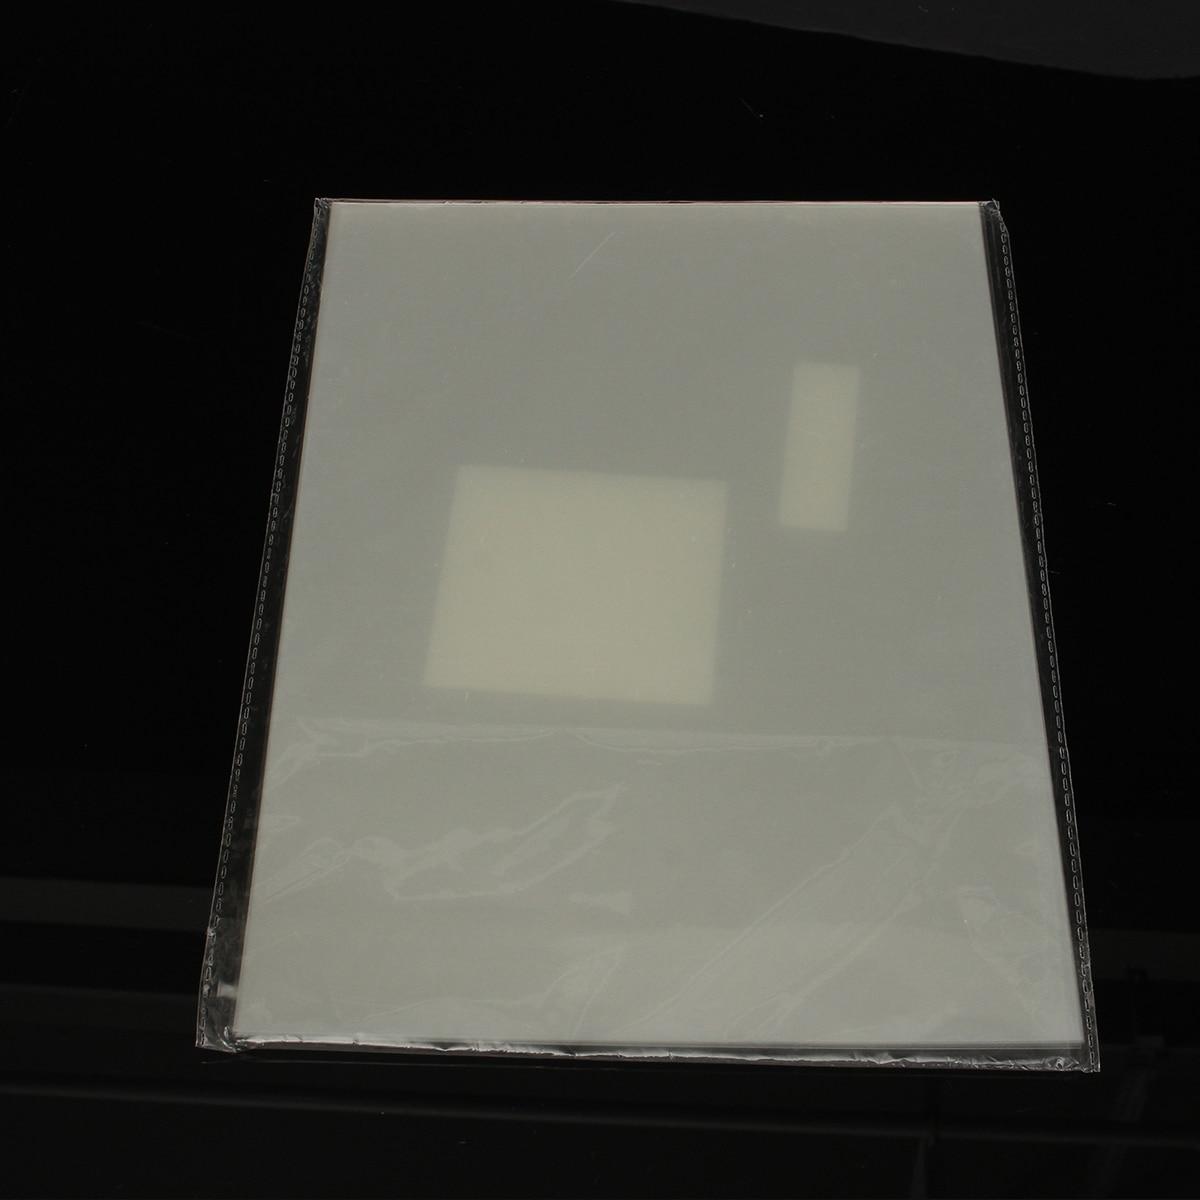 20 лист трафаретной печати печатной платы распечатать трафарет дизайн прозрачность пленка для струйной печати бумага толщиной 0,12 мм пленка для струйной печати сохраняет чернила